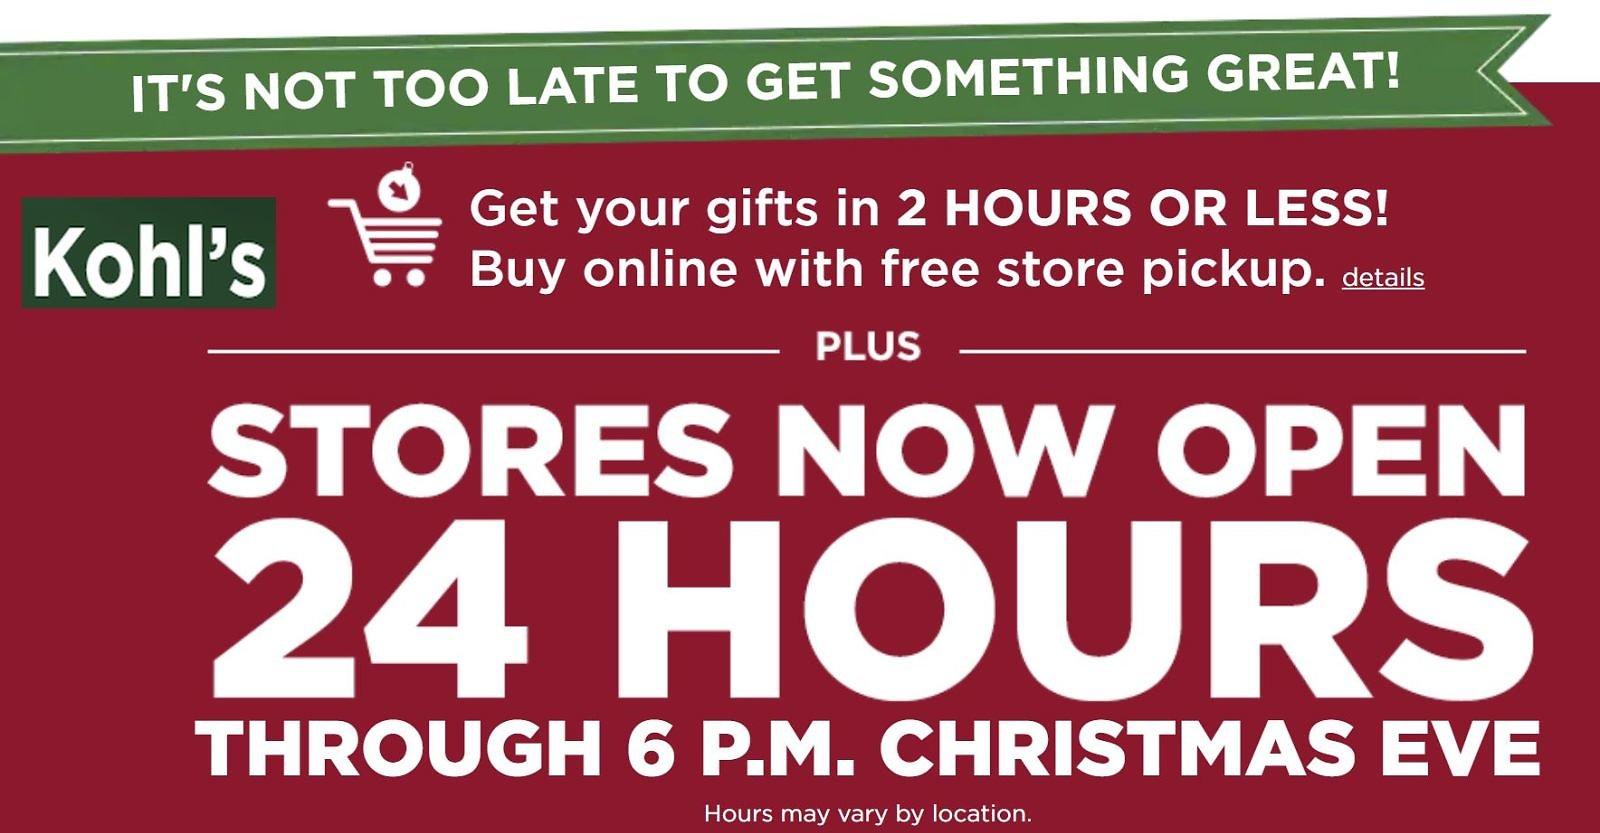 Price Match At Walmart Coupon At Walmart Save Money At Walmart Page 33 How To Coupon And Price Match At Walmart